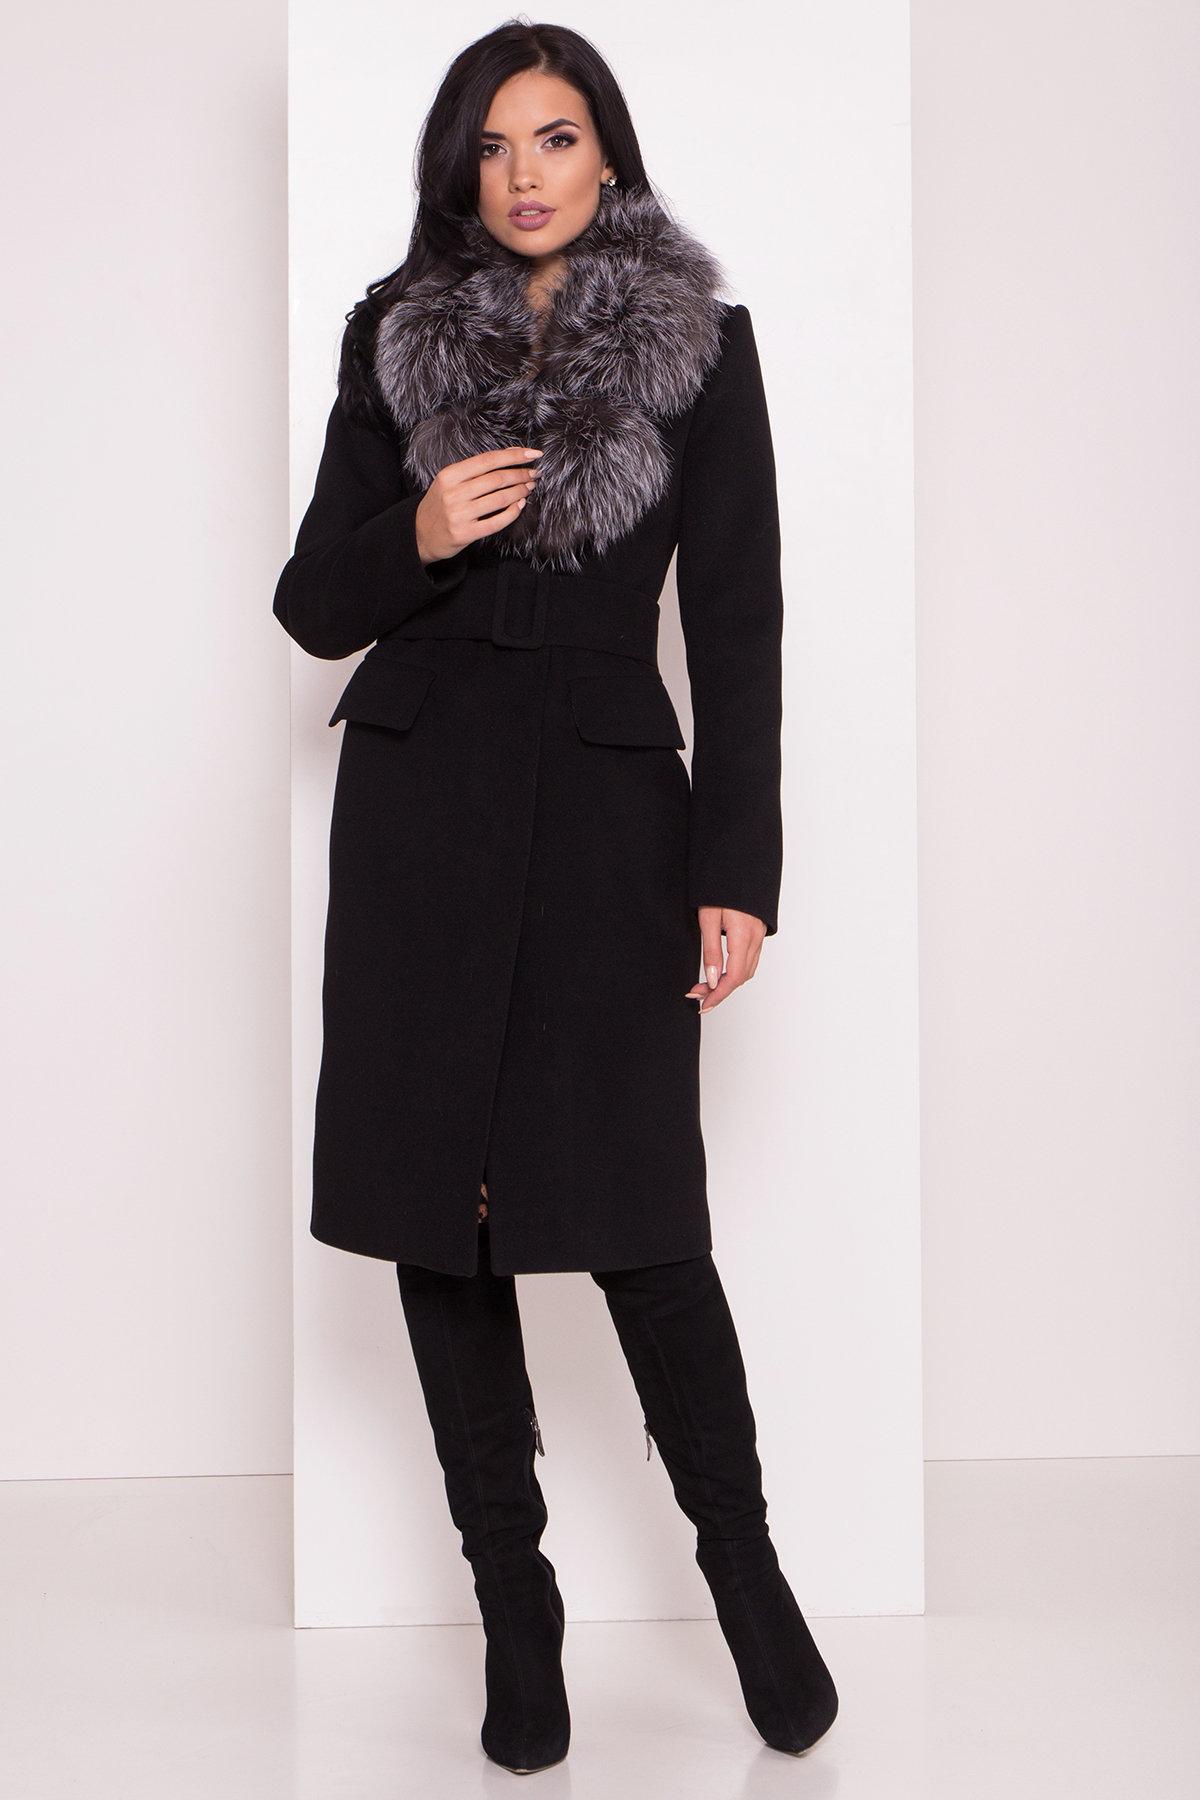 Зимнее пальто интернет магазин Зимнее пальто с меховым воротником Лабио 8150